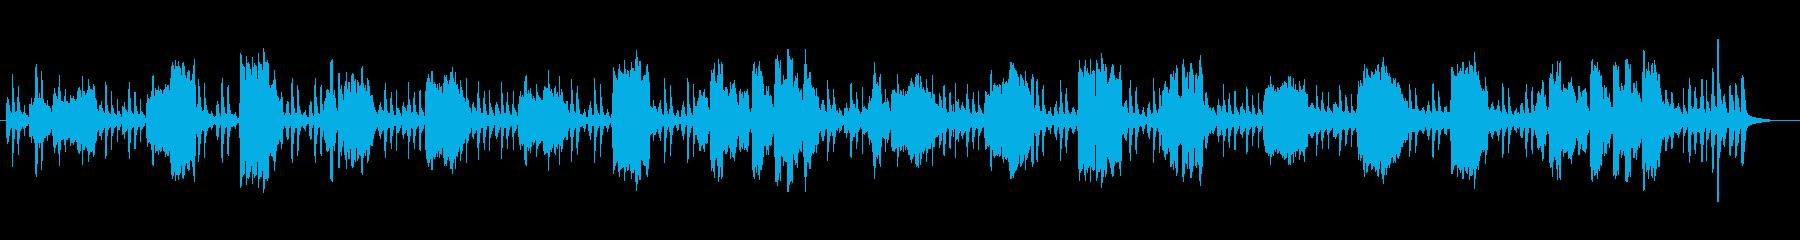 何気ない静かな日常で品のいいBGMの再生済みの波形